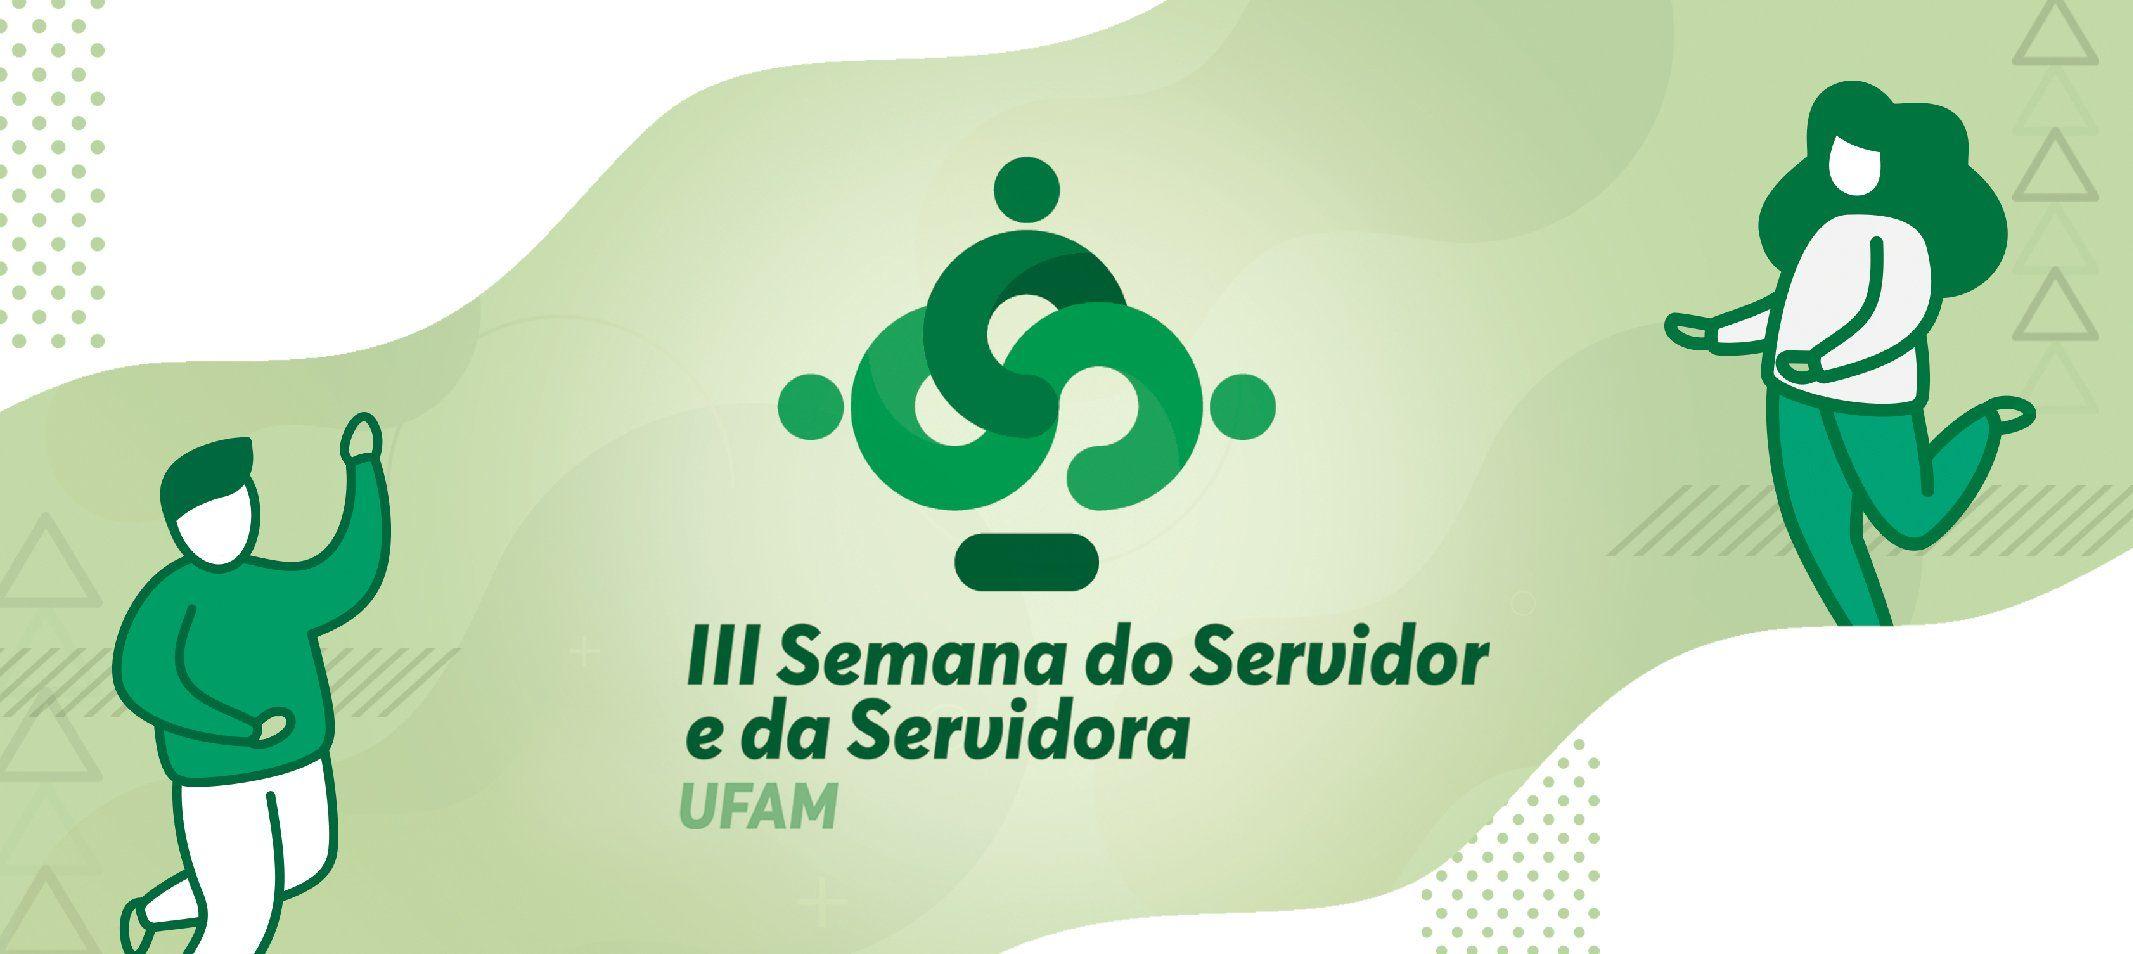 Progesp divulga programação da III Semana do servidor e da servidora da Ufam